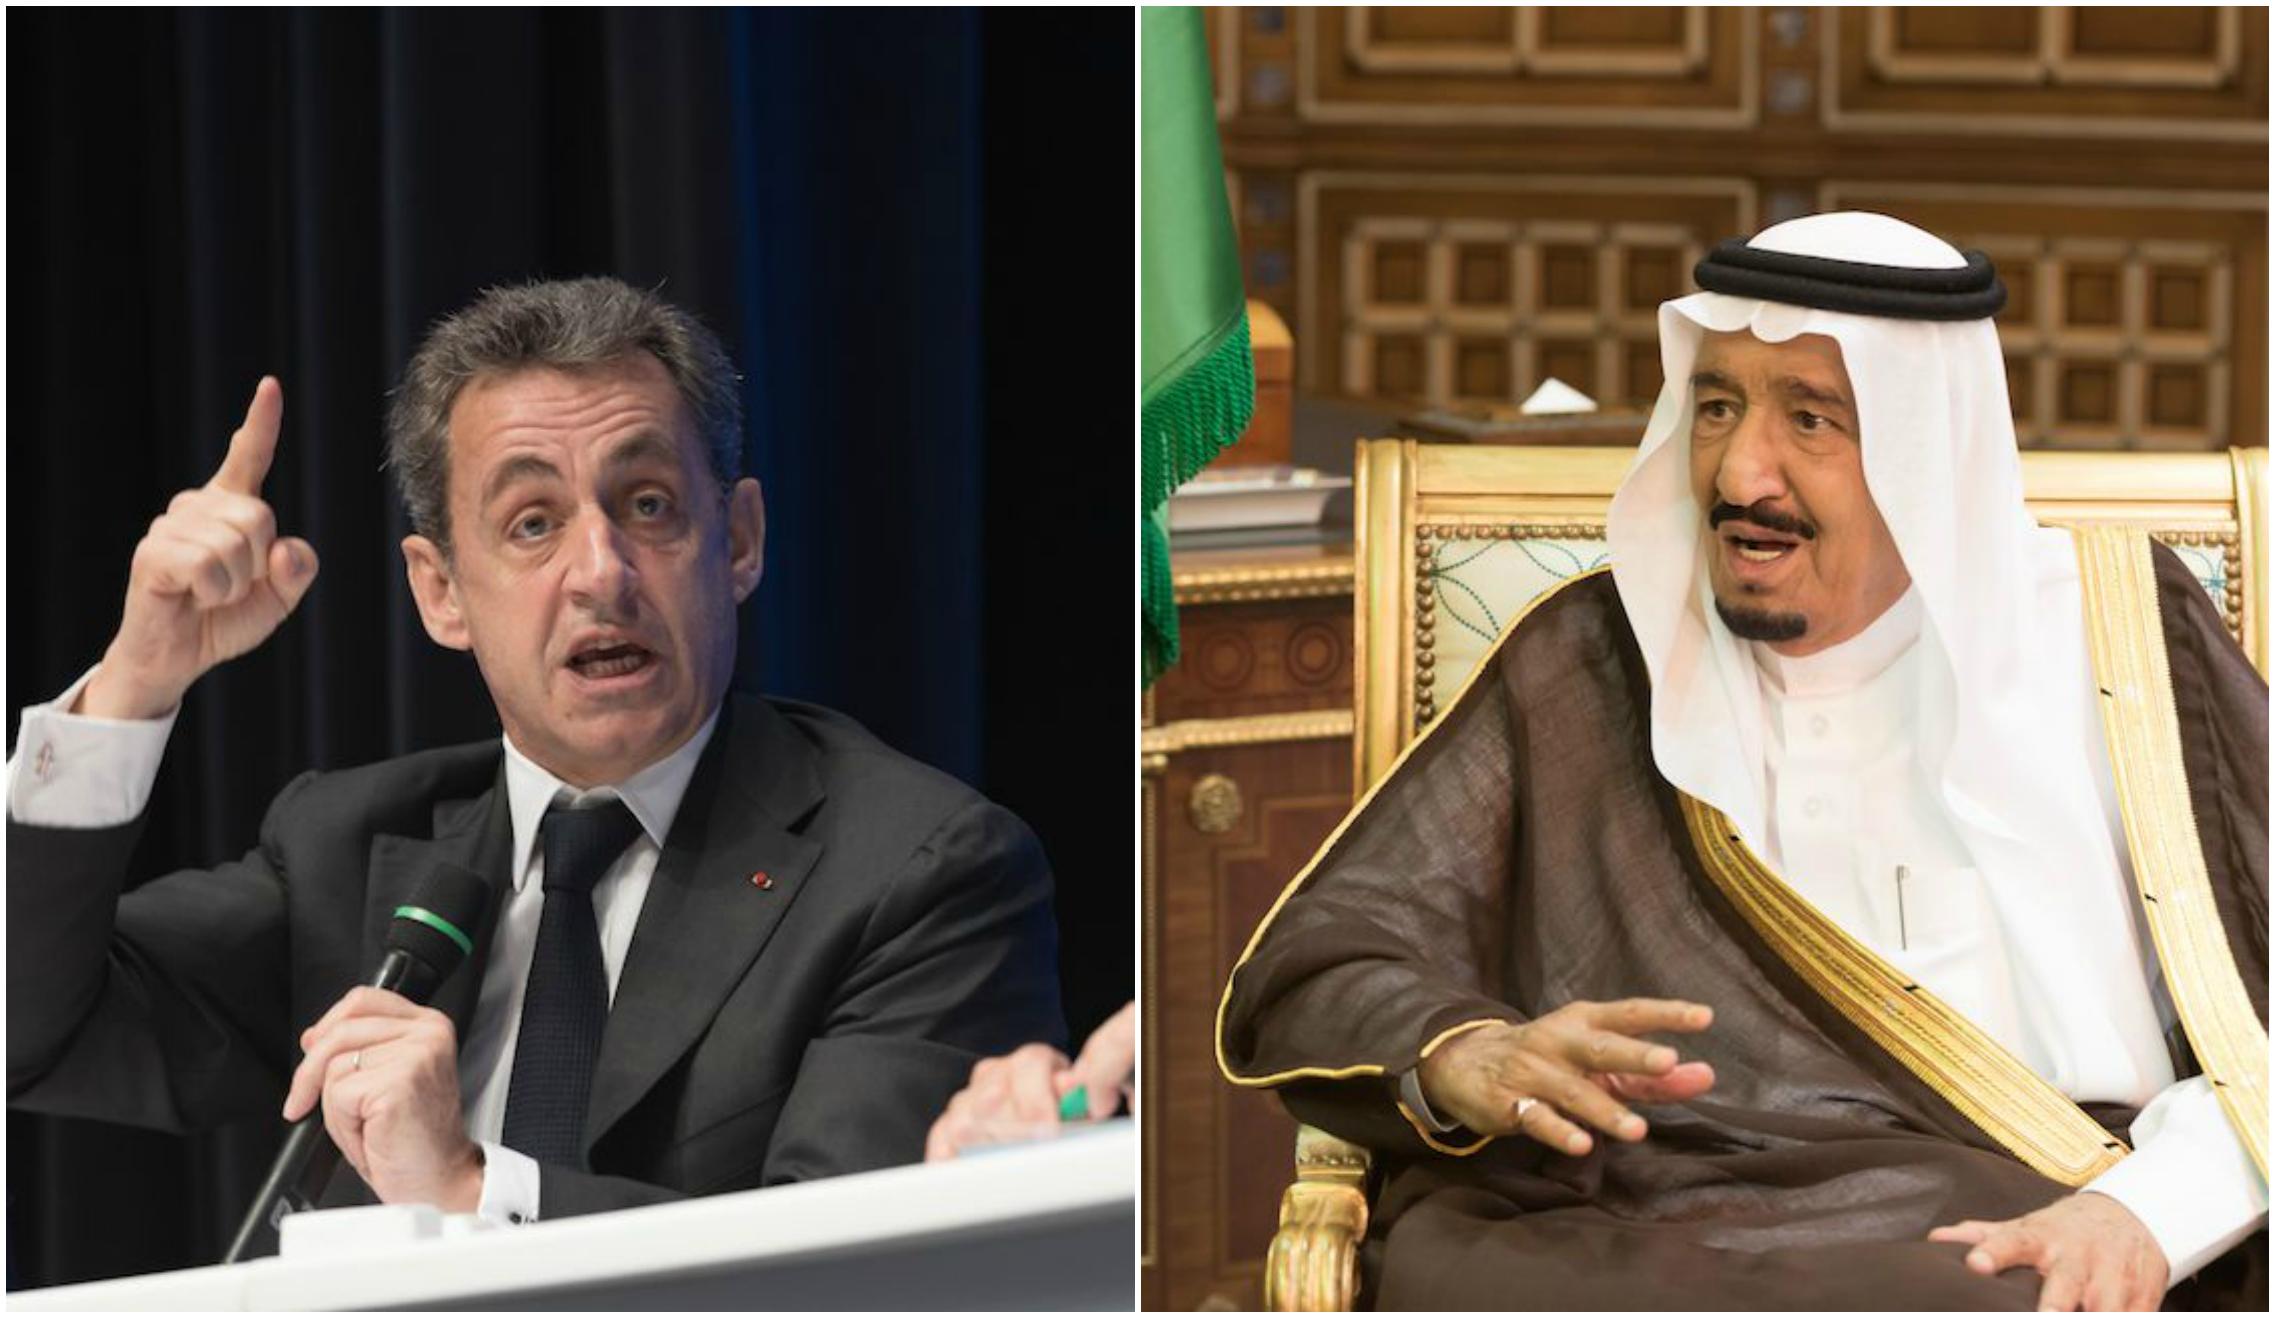 Nicolas Sarkozy et Salmane Abdelaziz Al Saoud. - Montage/SIPA